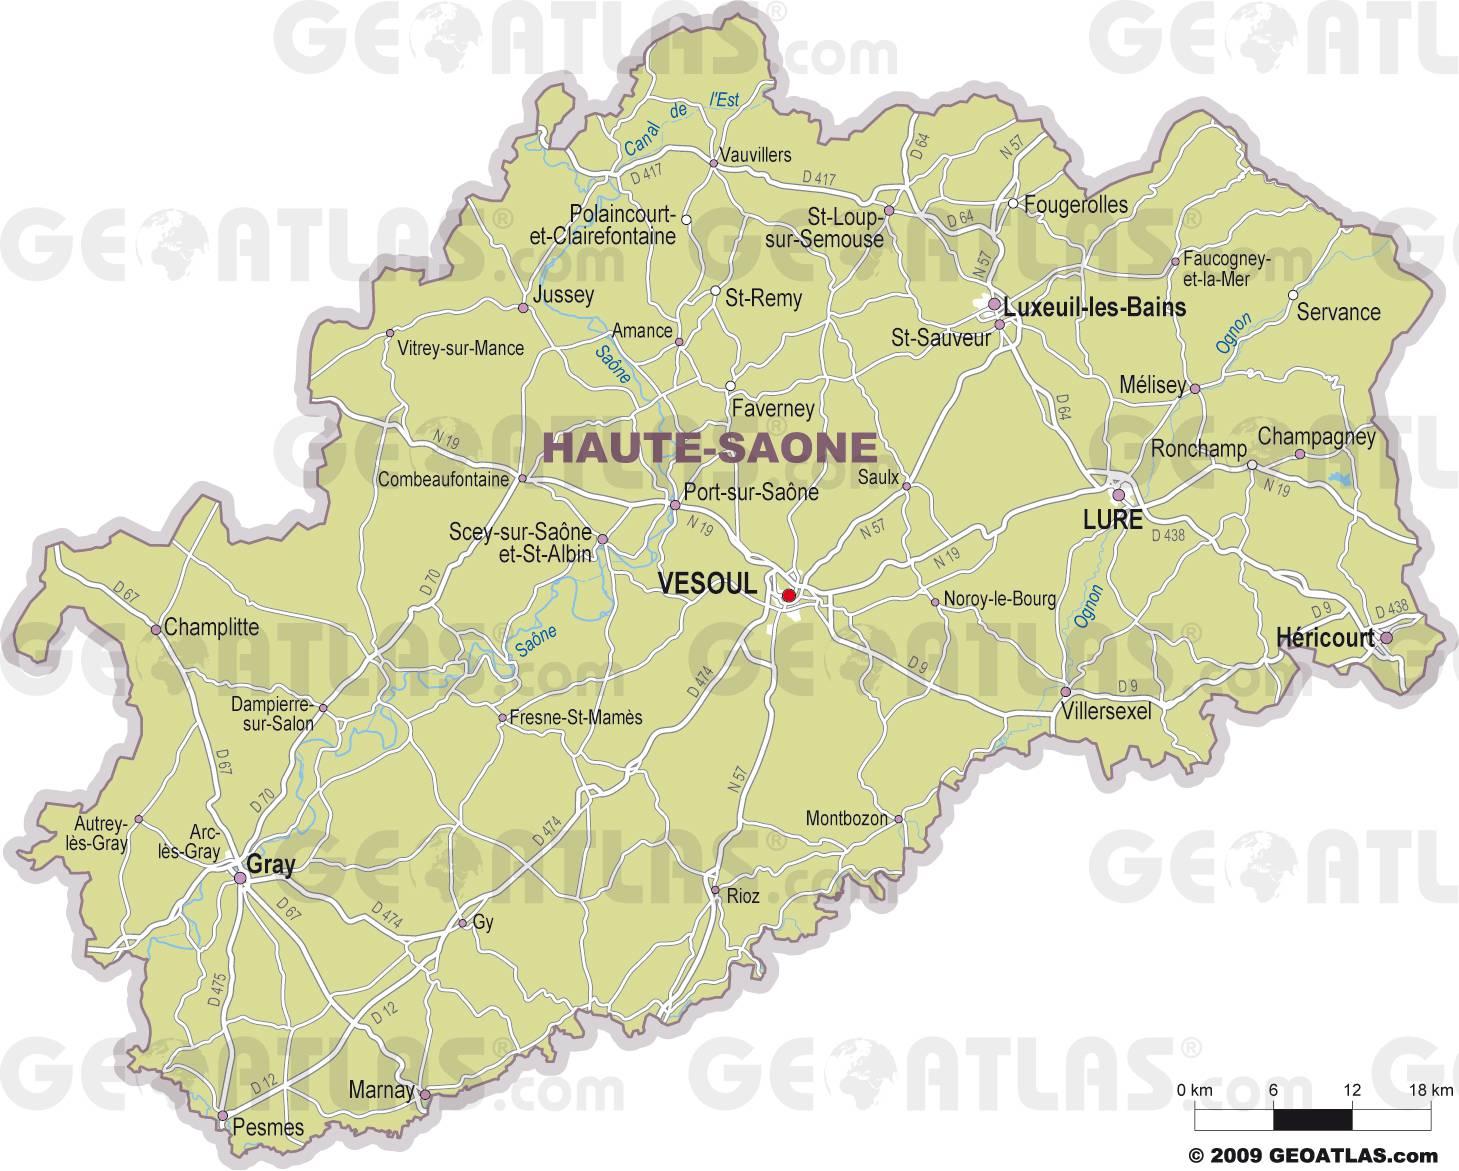 Carte des villes de la Haute-Saône